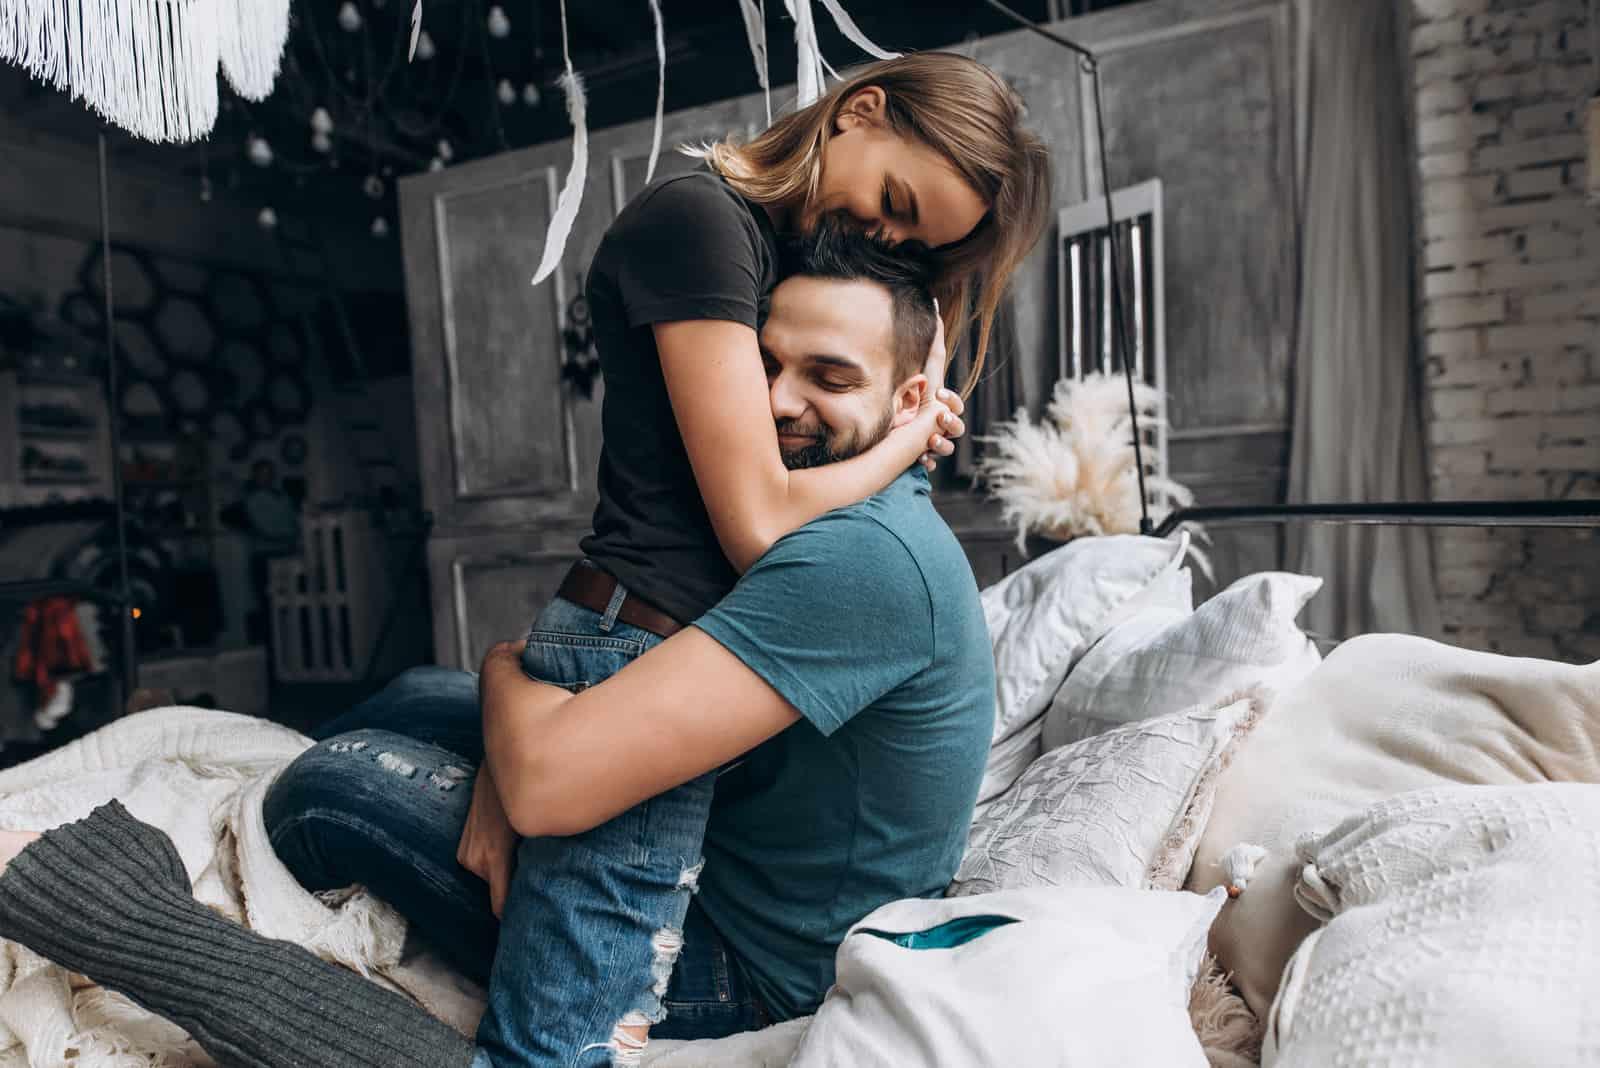 couple s'embrassent sur le lit